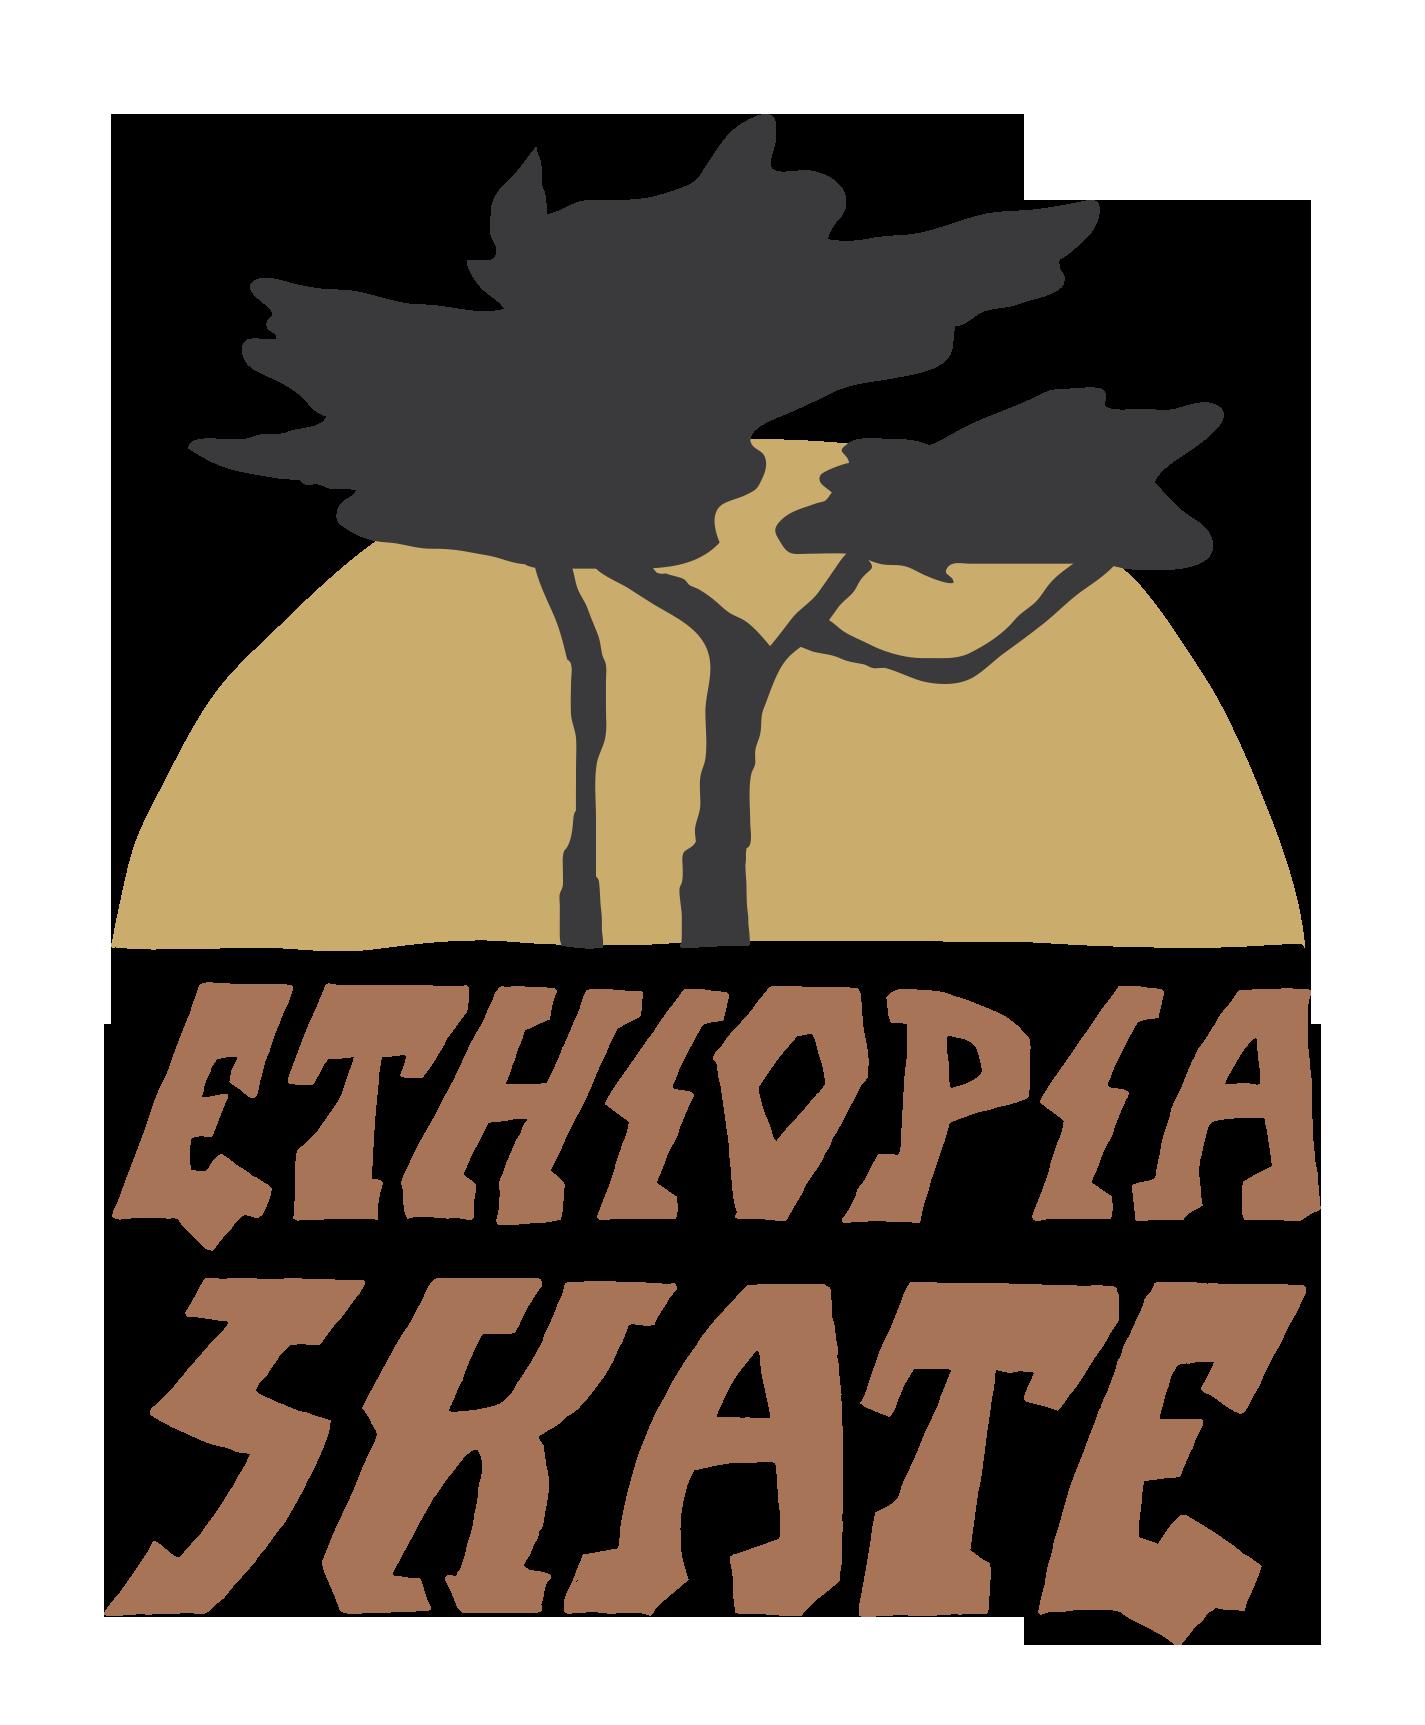 Ethiopia Skate Tree Logo